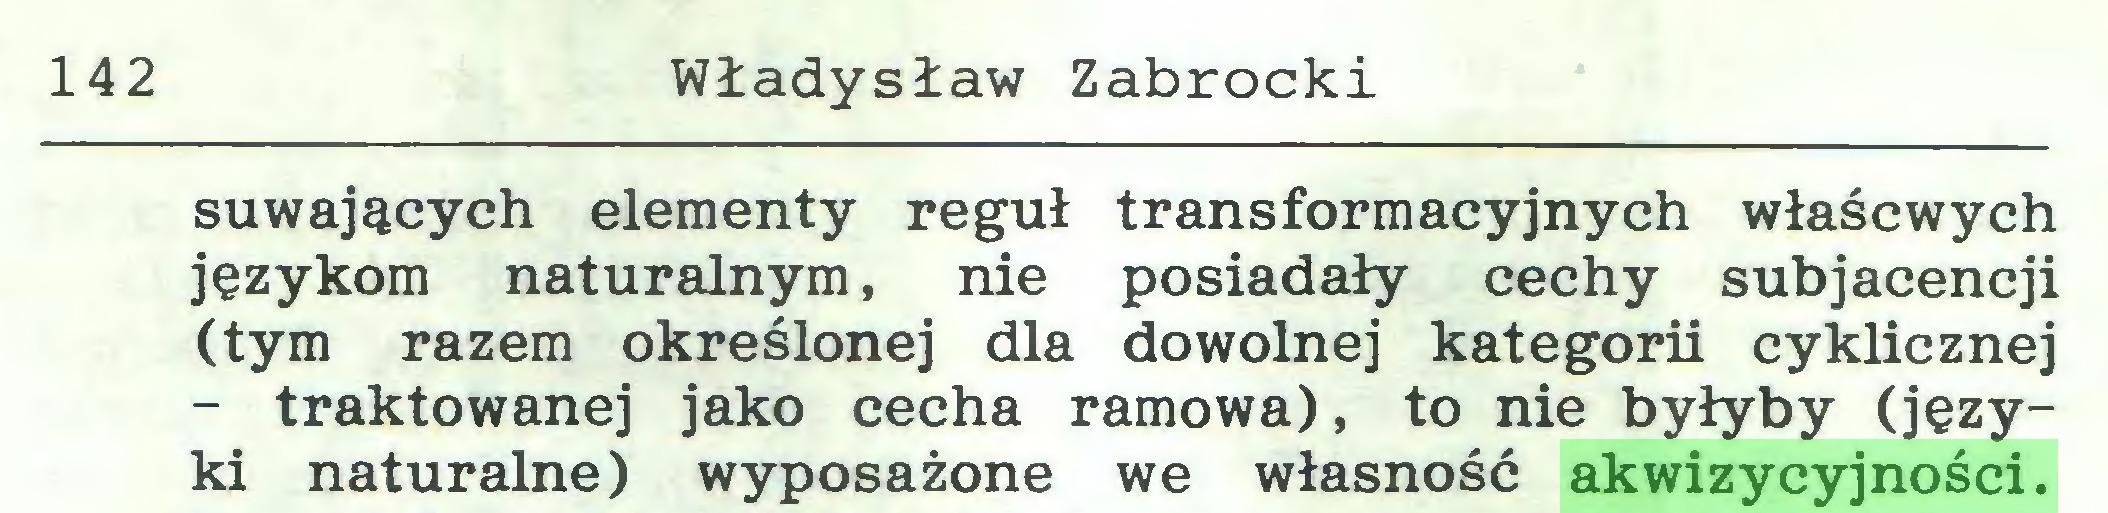 (...) 142 Władysław Zabrocki suwających elementy reguł transformacyjnych właścwych językom naturalnym, nie posiadały cechy subjacencji (tym razem określonej dla dowolnej kategorii cyklicznej - traktowanej jako cecha ramowa), to nie byłyby (języki naturalne) wyposażone we własność akwizycyjności...